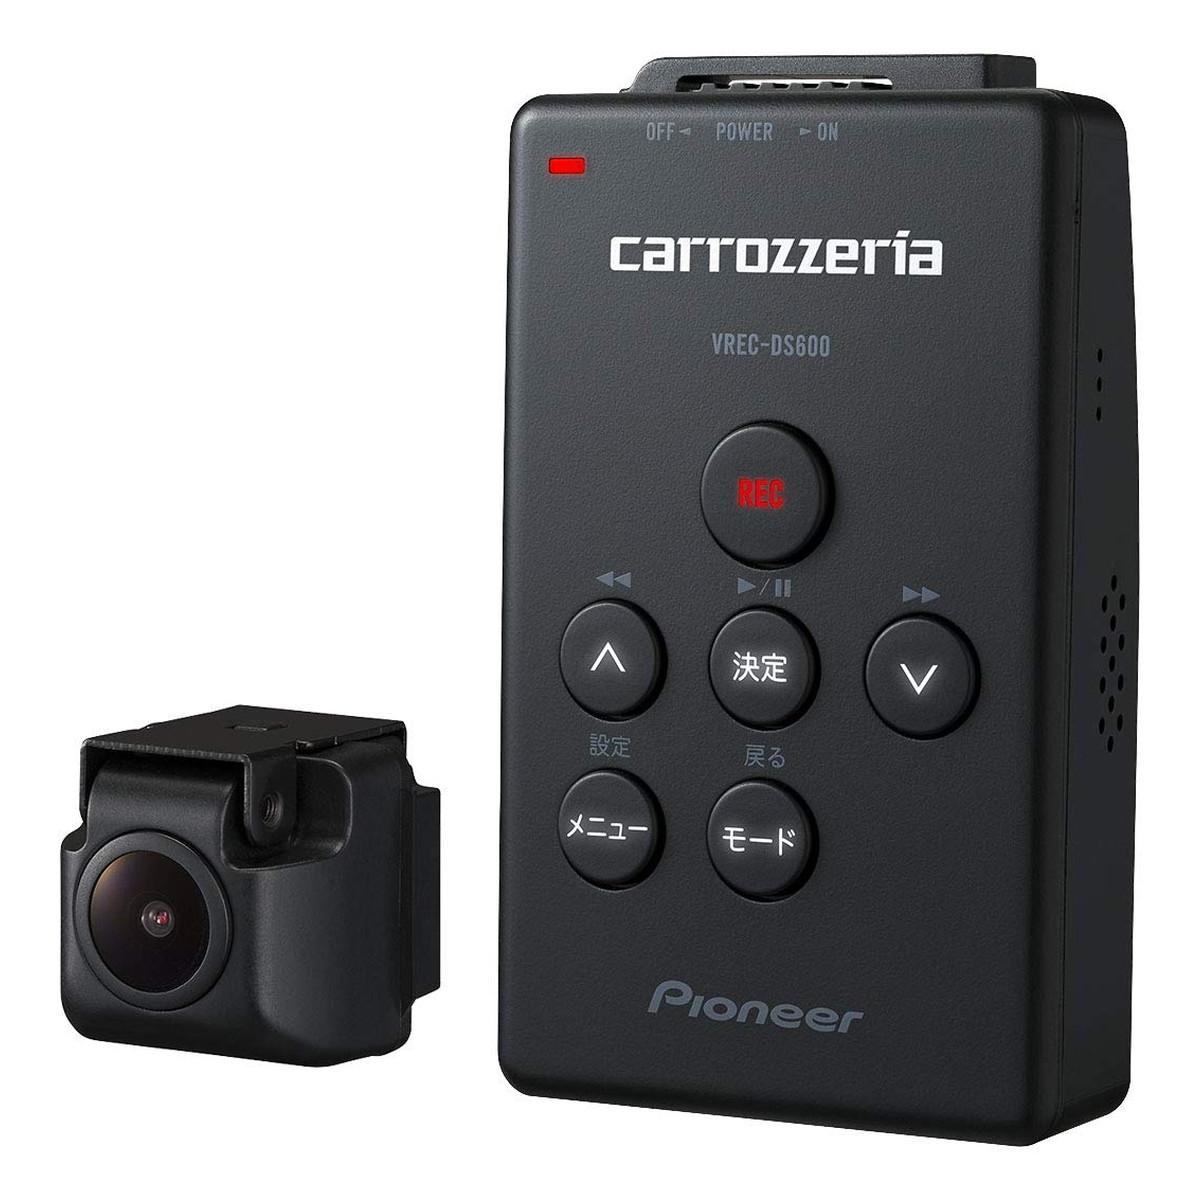 カロッツェリア/carrozzeria ドライブレコーダー VREC-DS600【クーポン配布中】